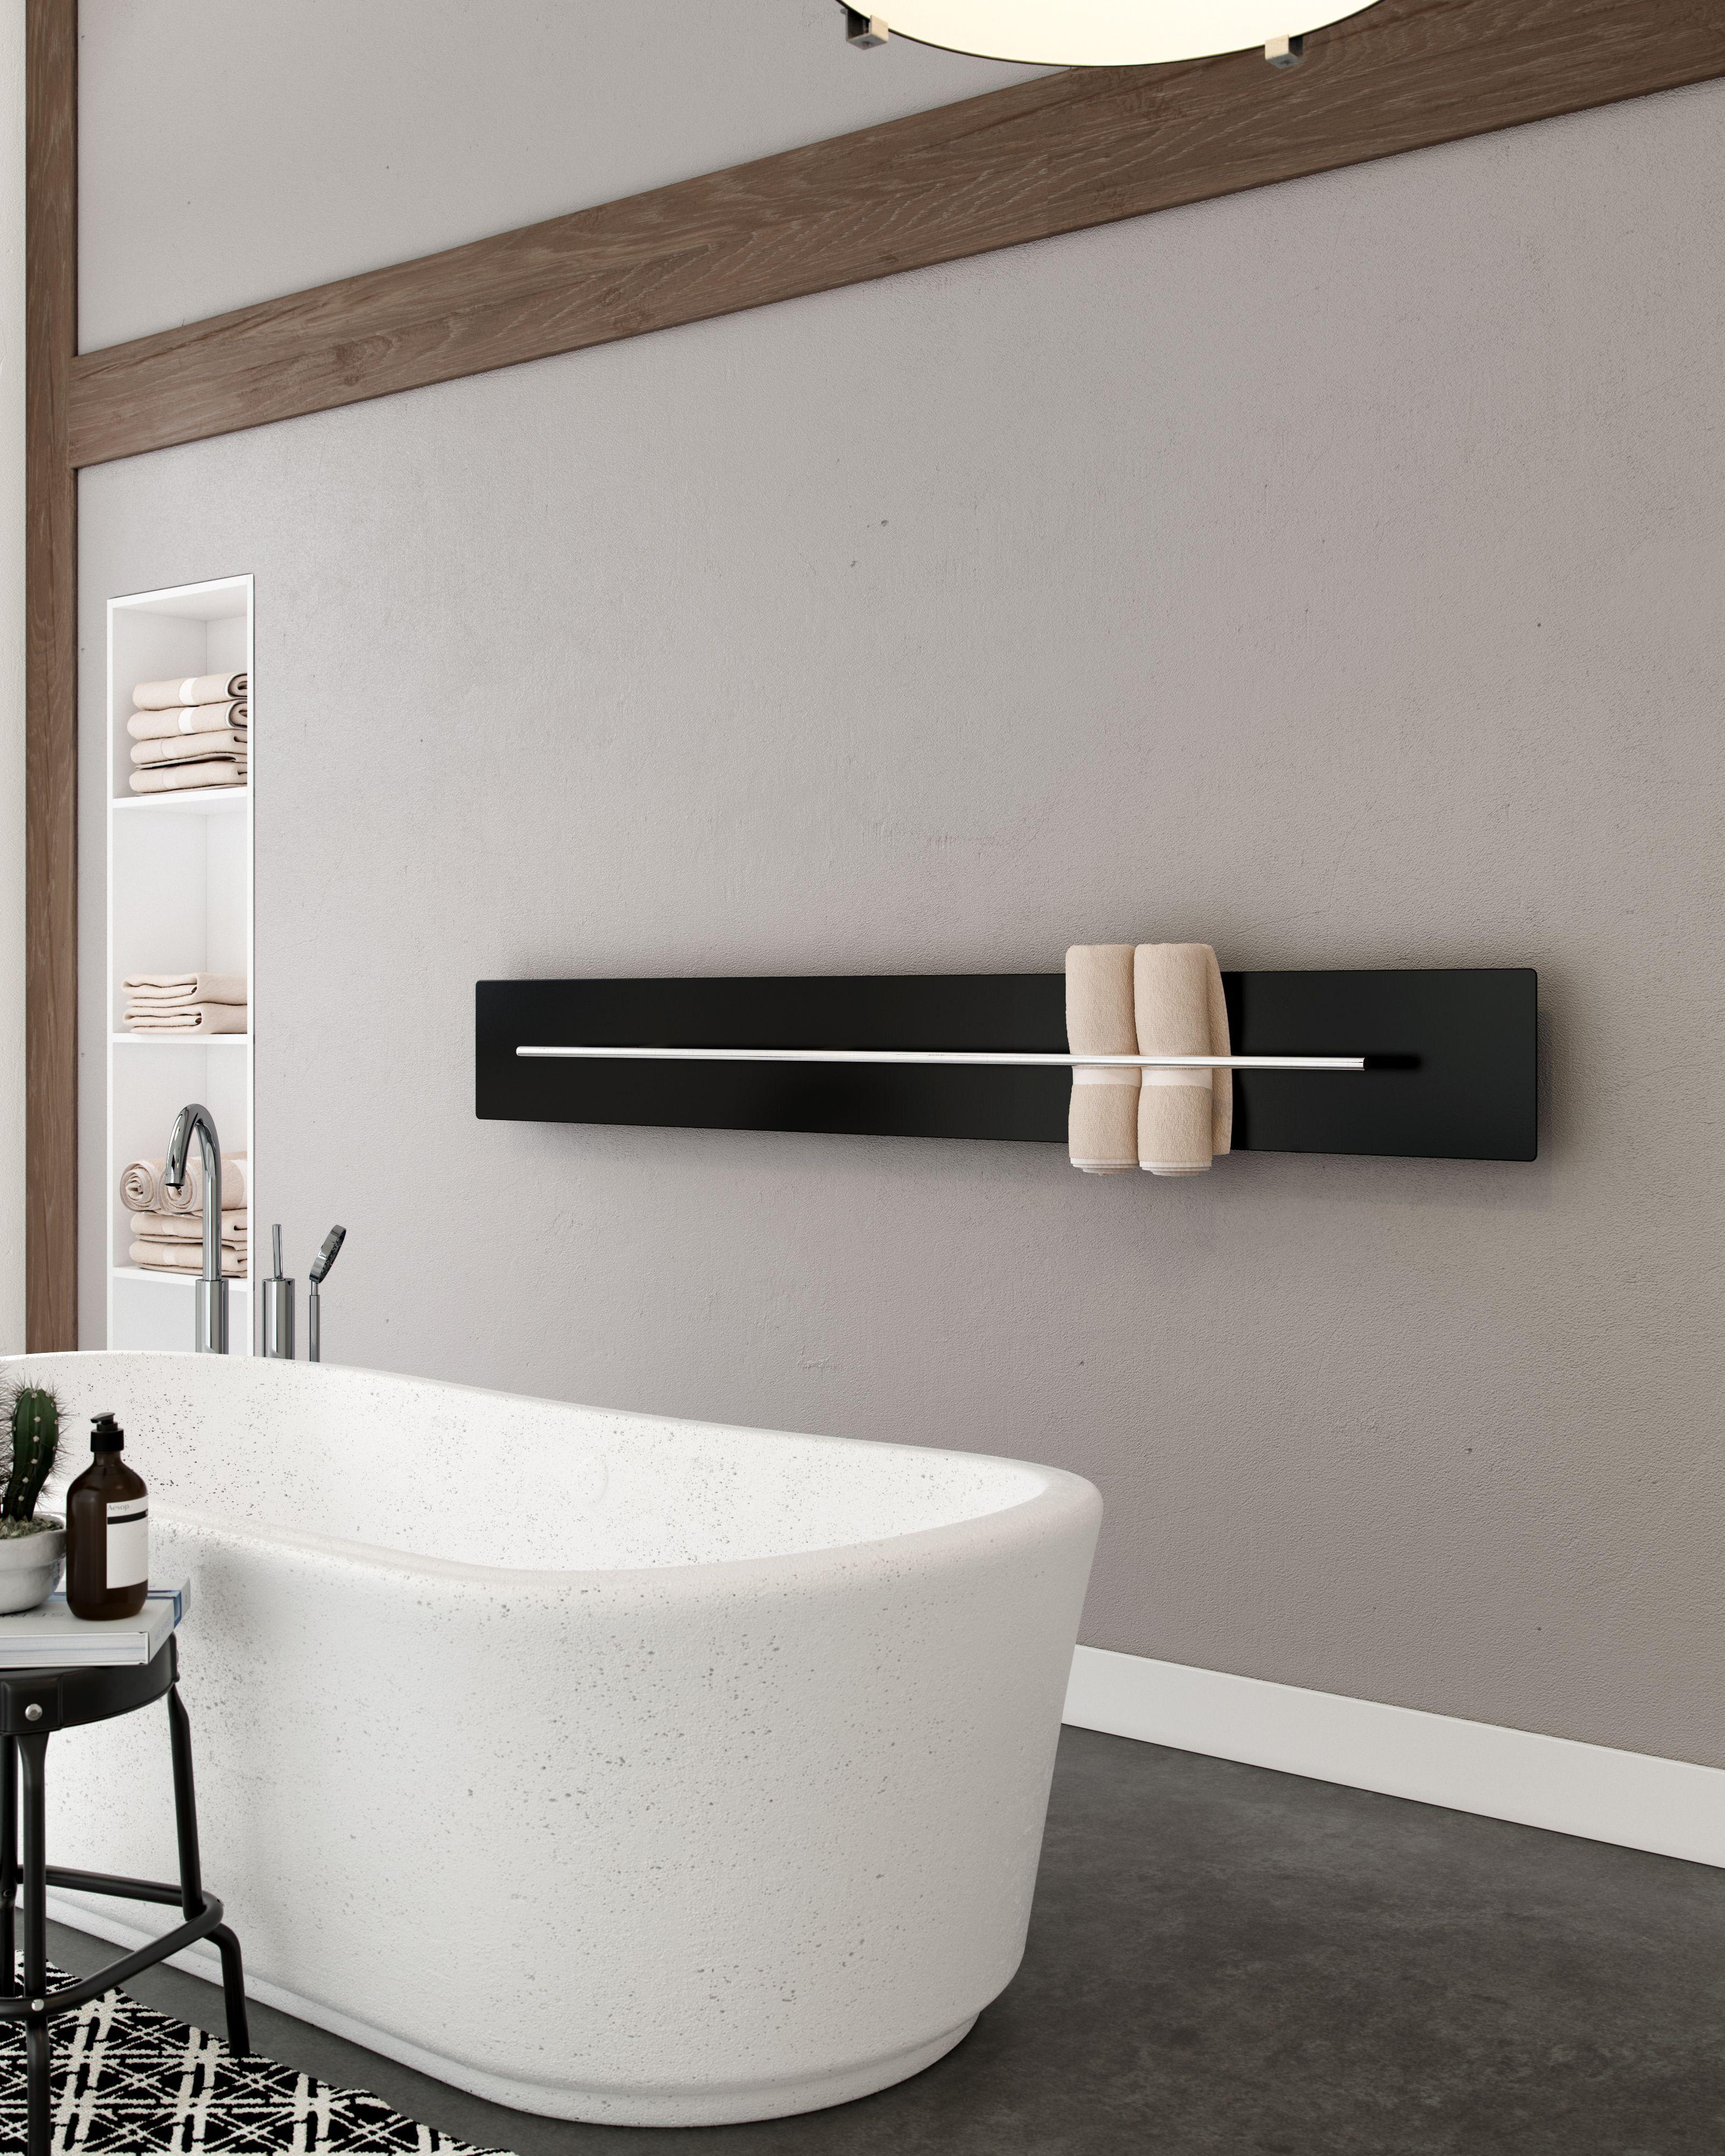 De teso designradiator heeft een fraaie en minimalistische uitstraling die ruimte sfeer combineert met also   in house rh br pinterest